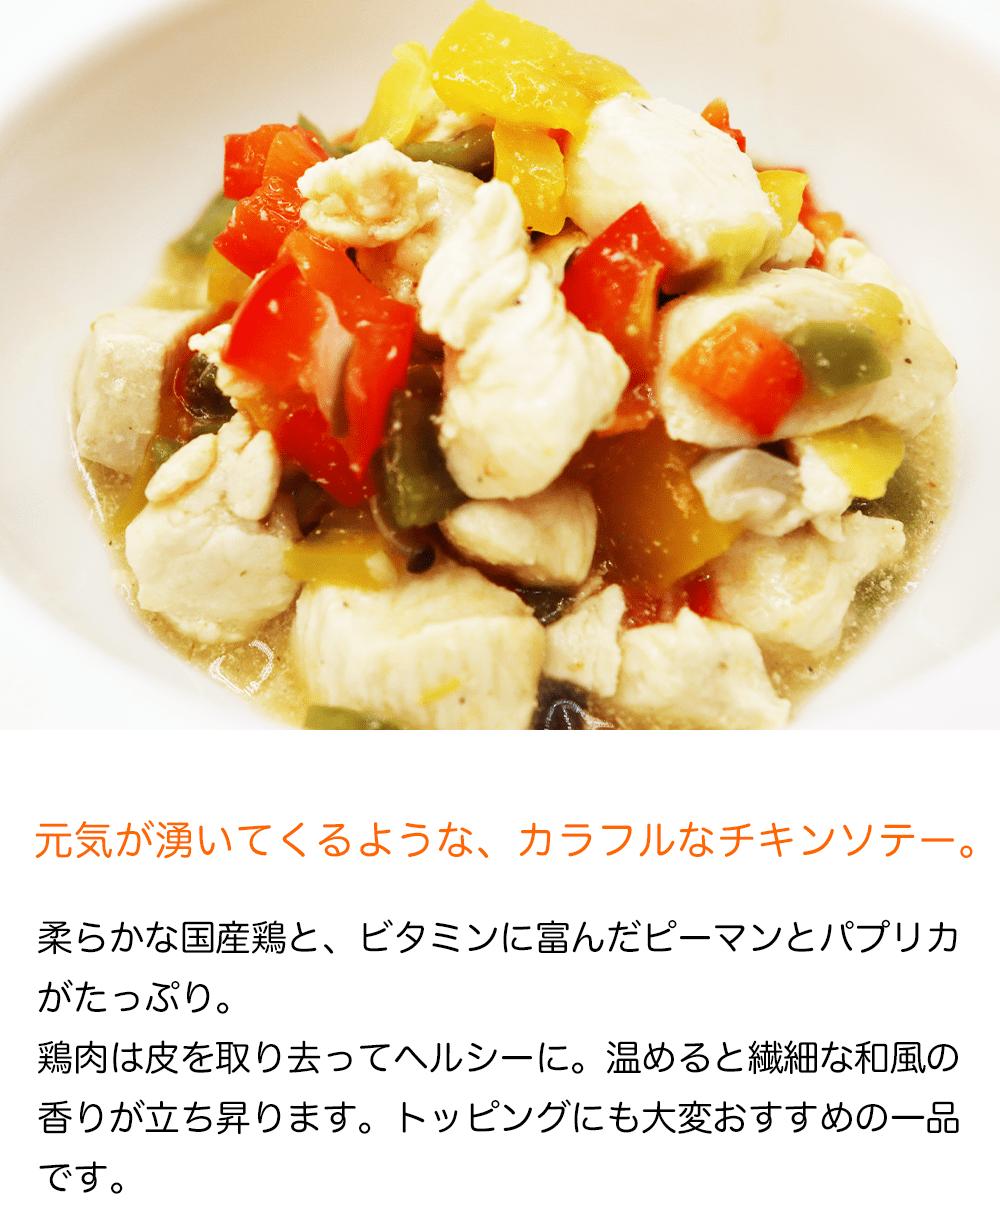 3色野菜のチキンソテー